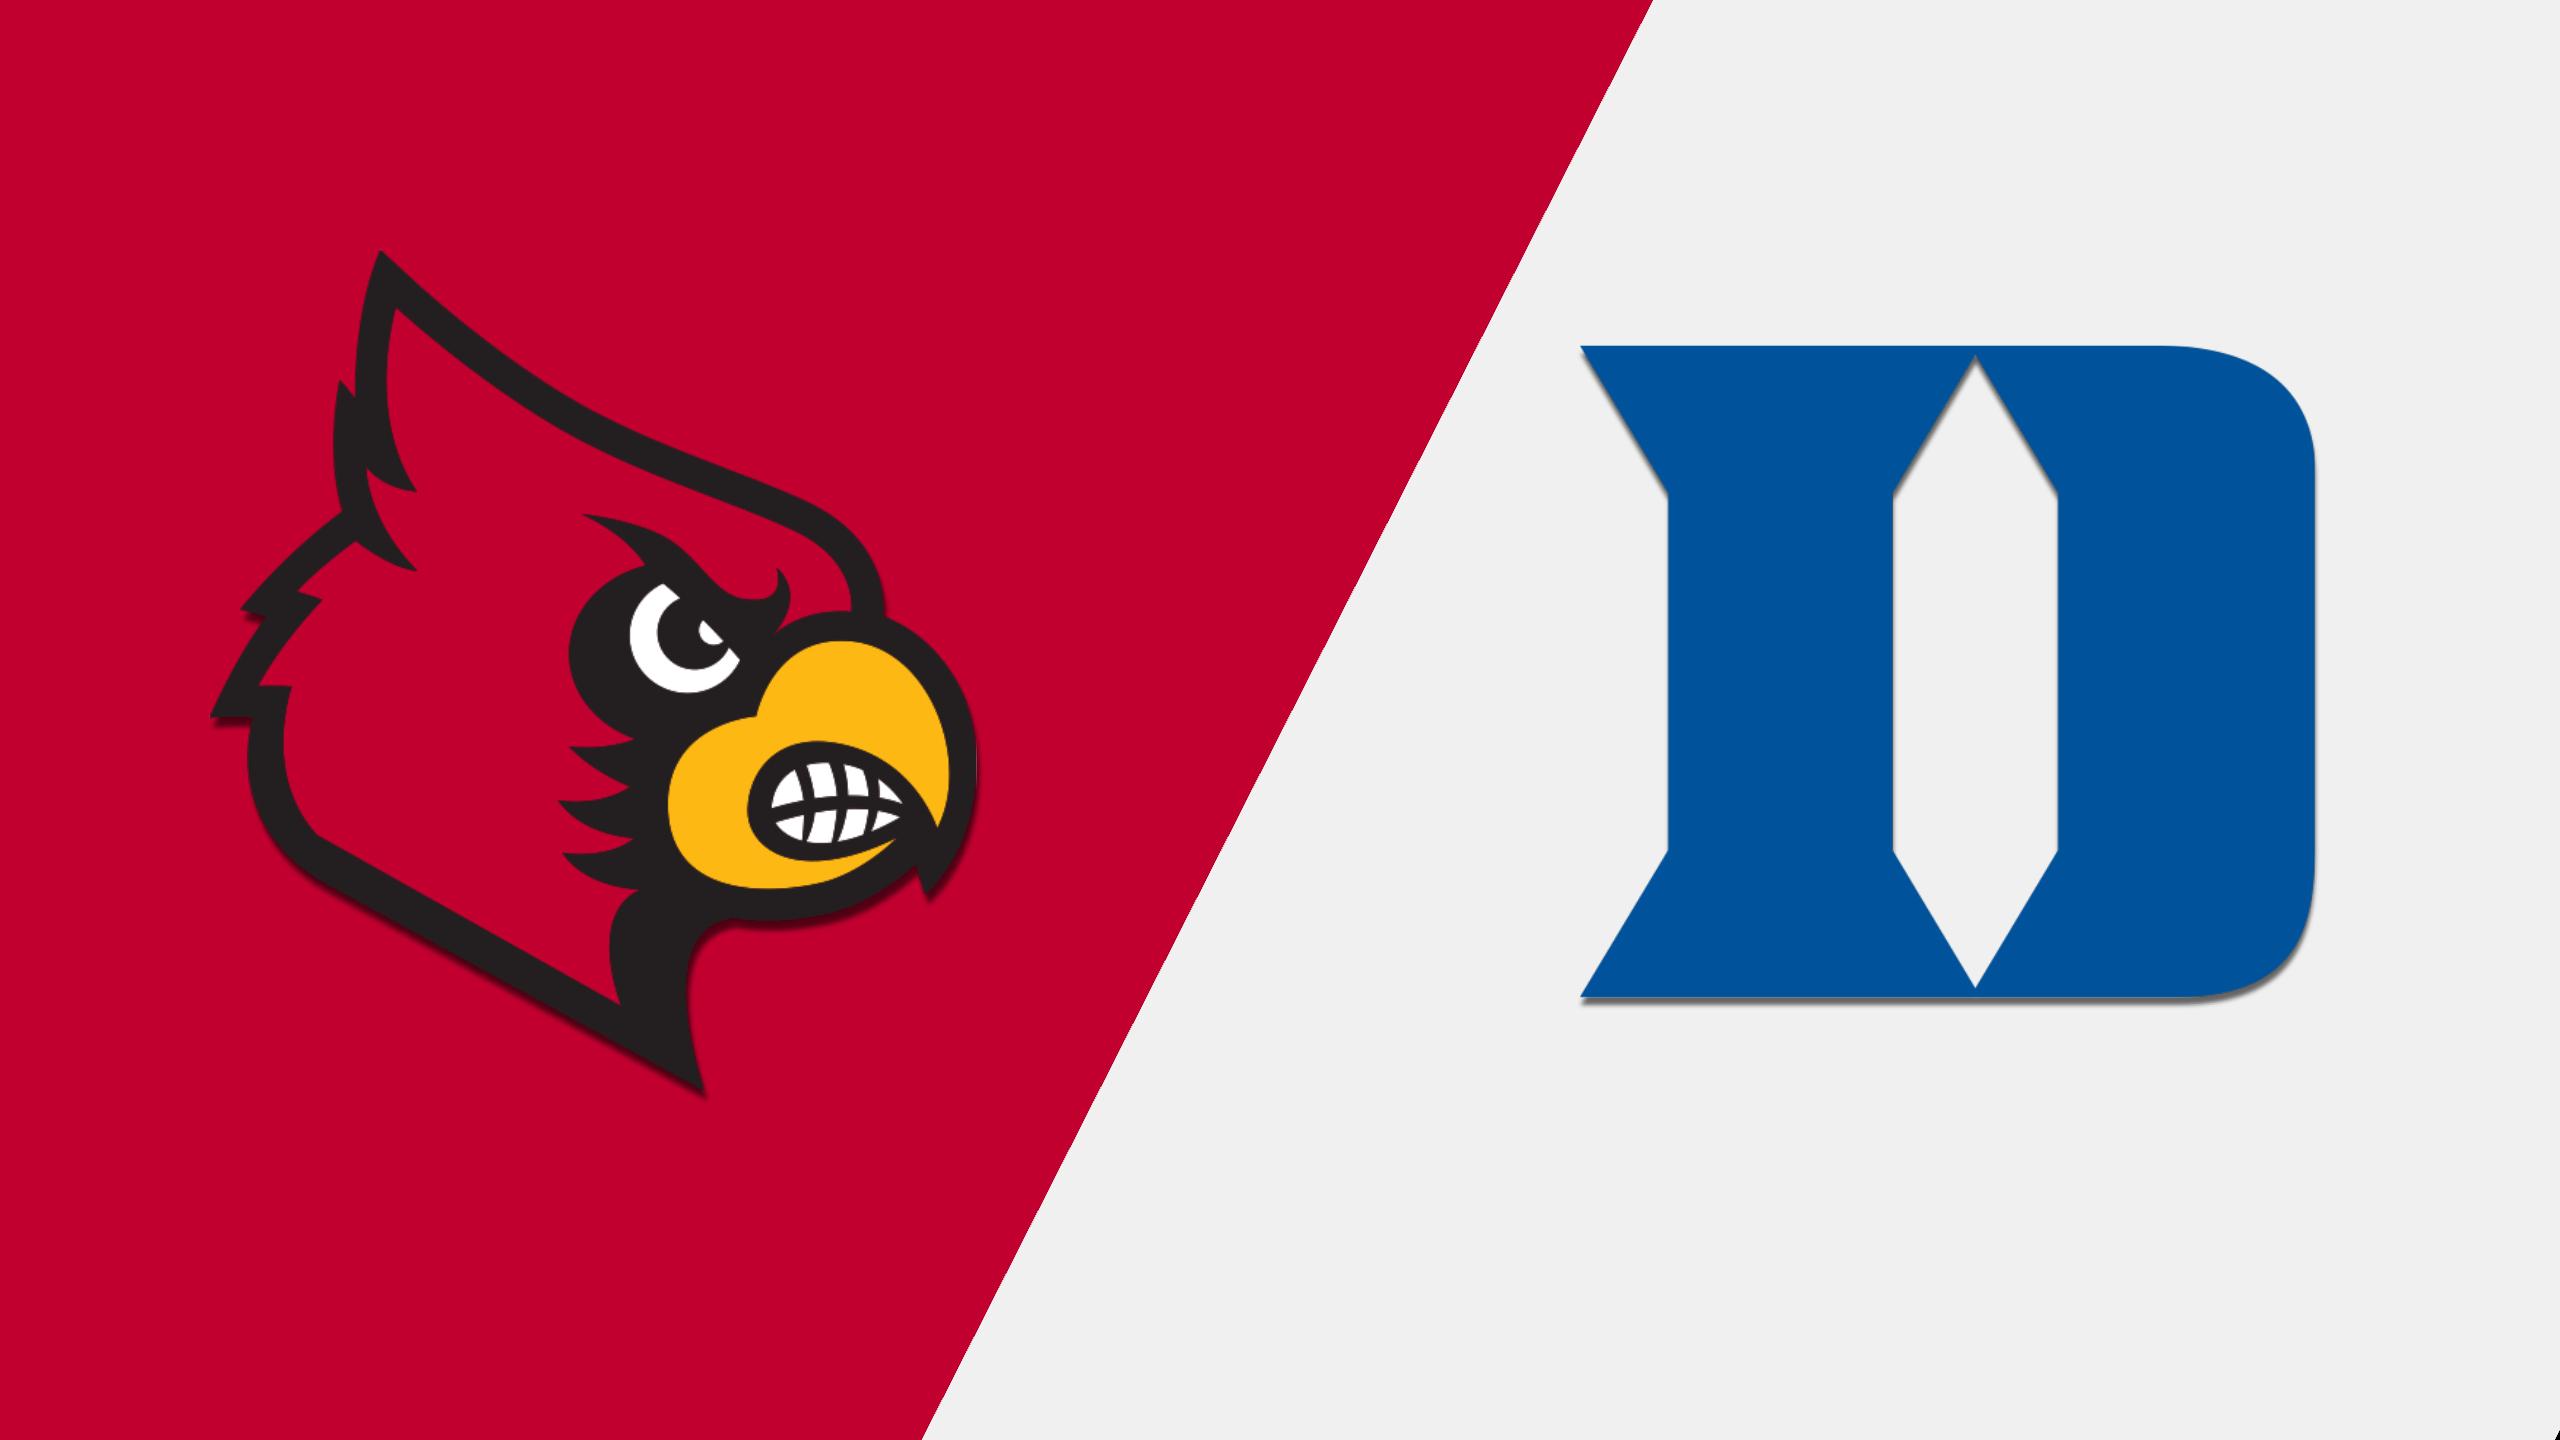 Louisville vs. Duke (Baseball)